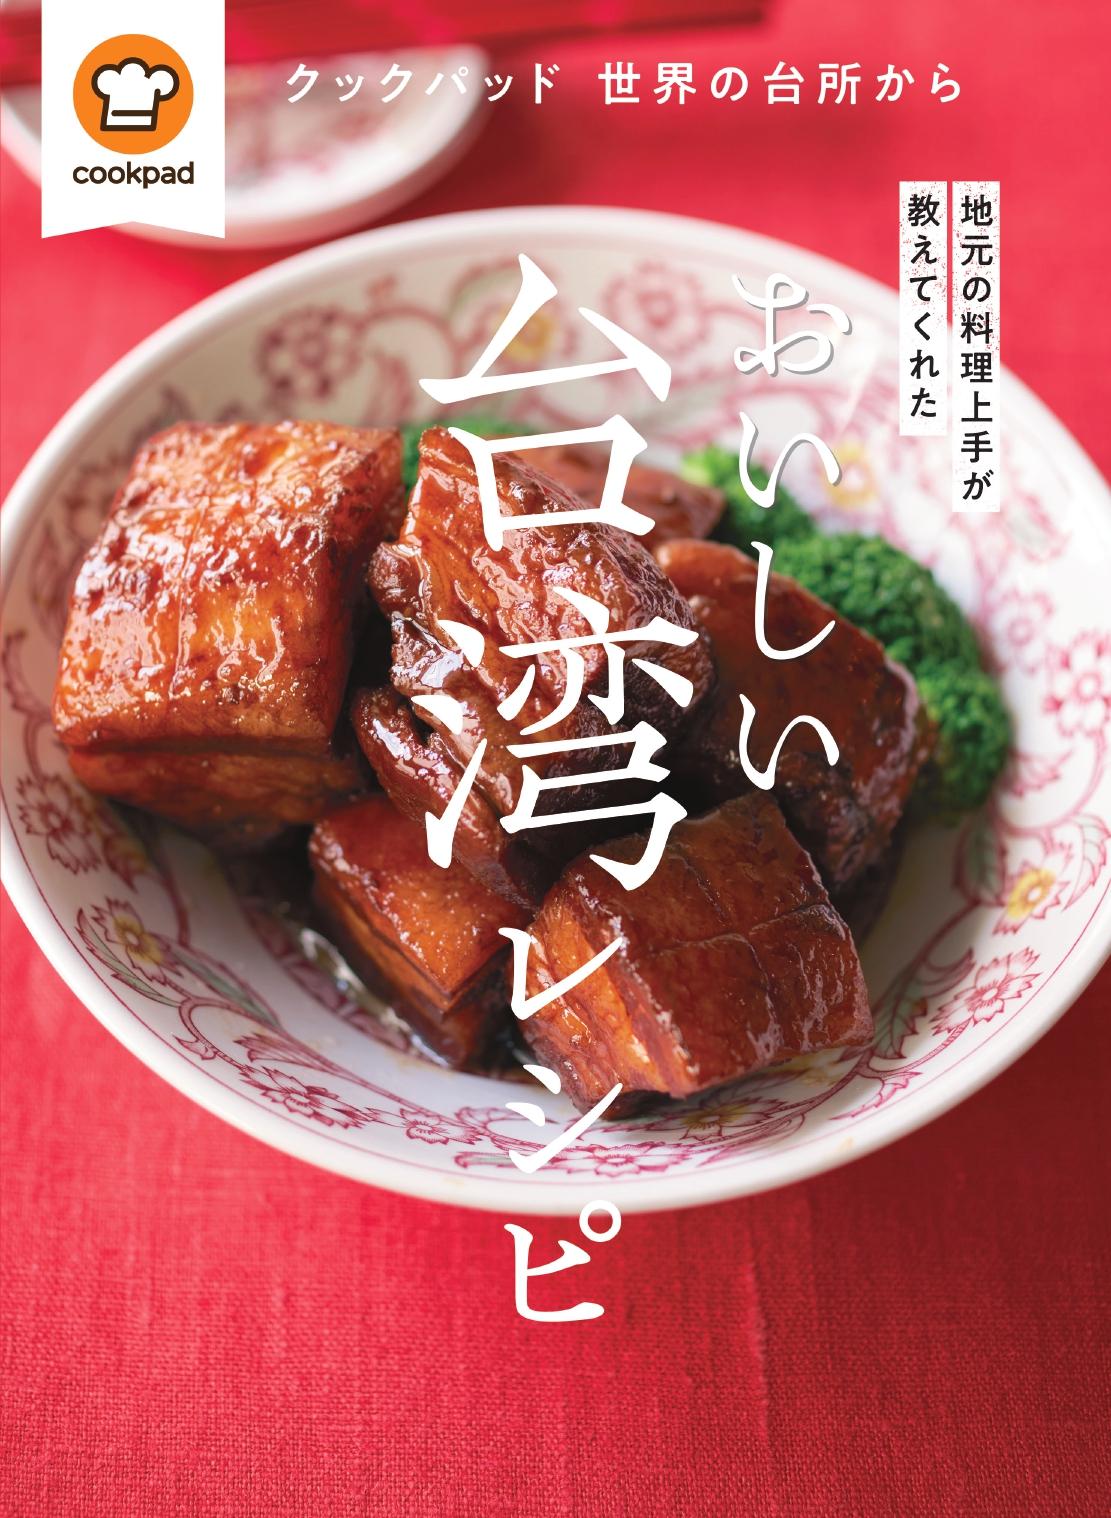 画像は、『おいしい台湾レシピ』(世界文化社)